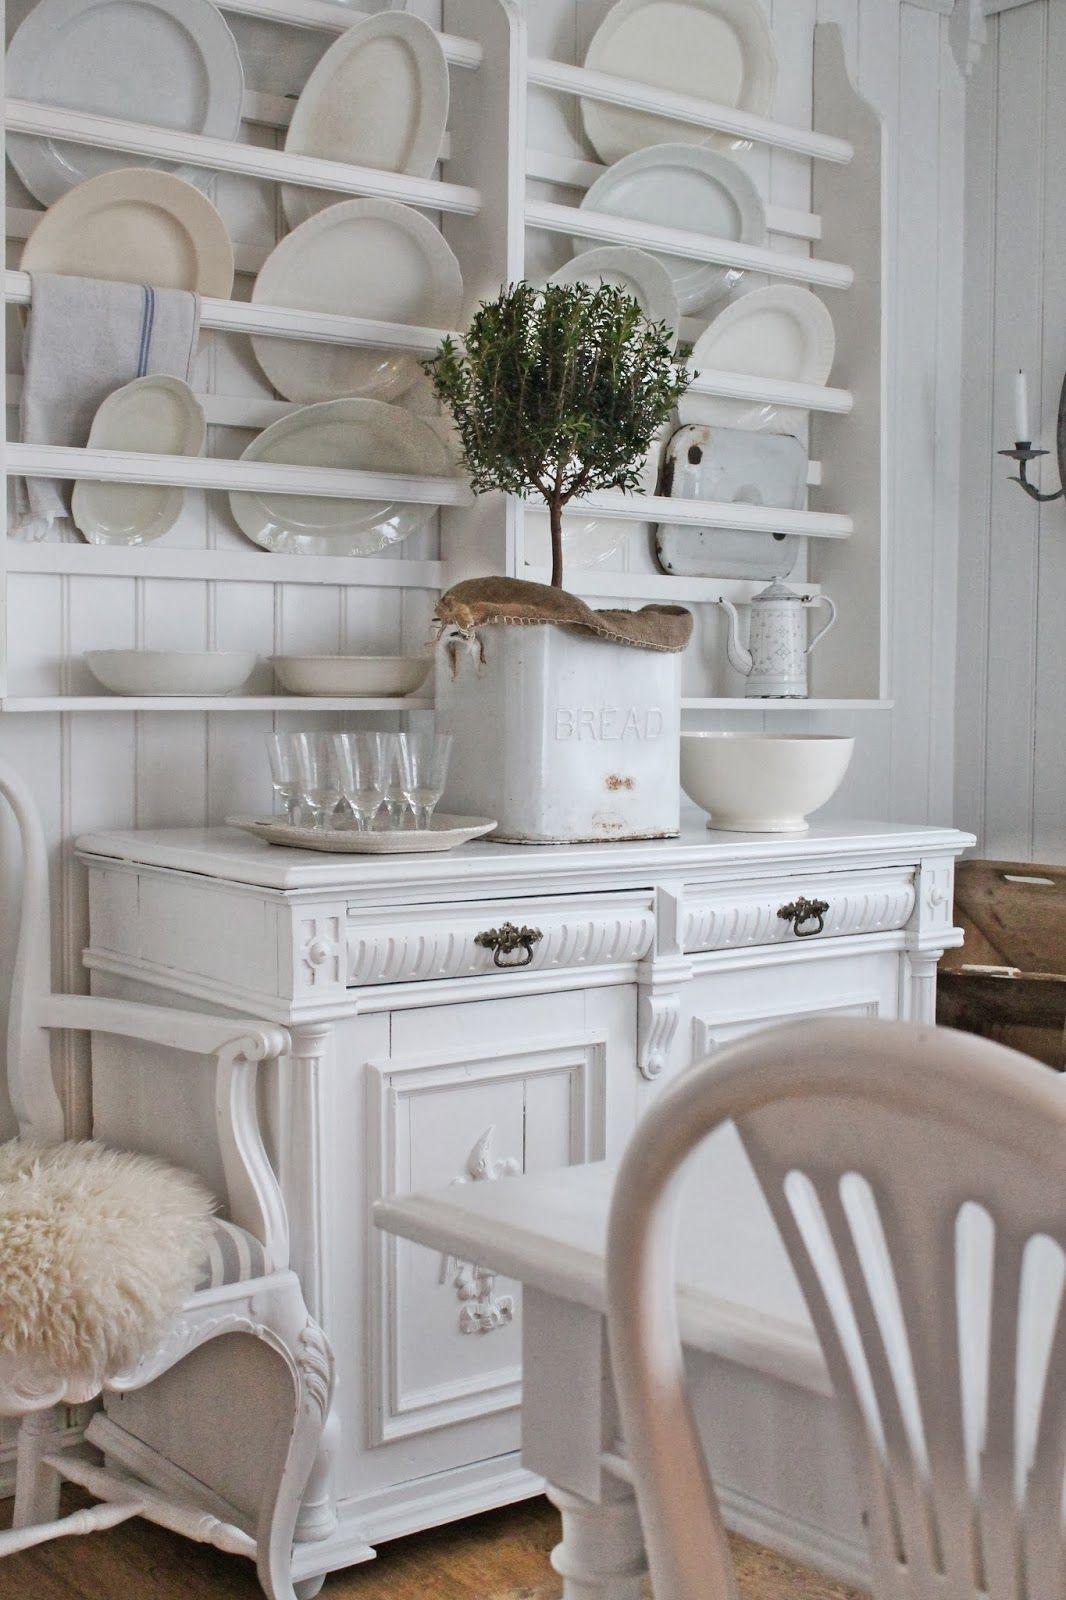 VIBEKE DESIGN: Natural and white